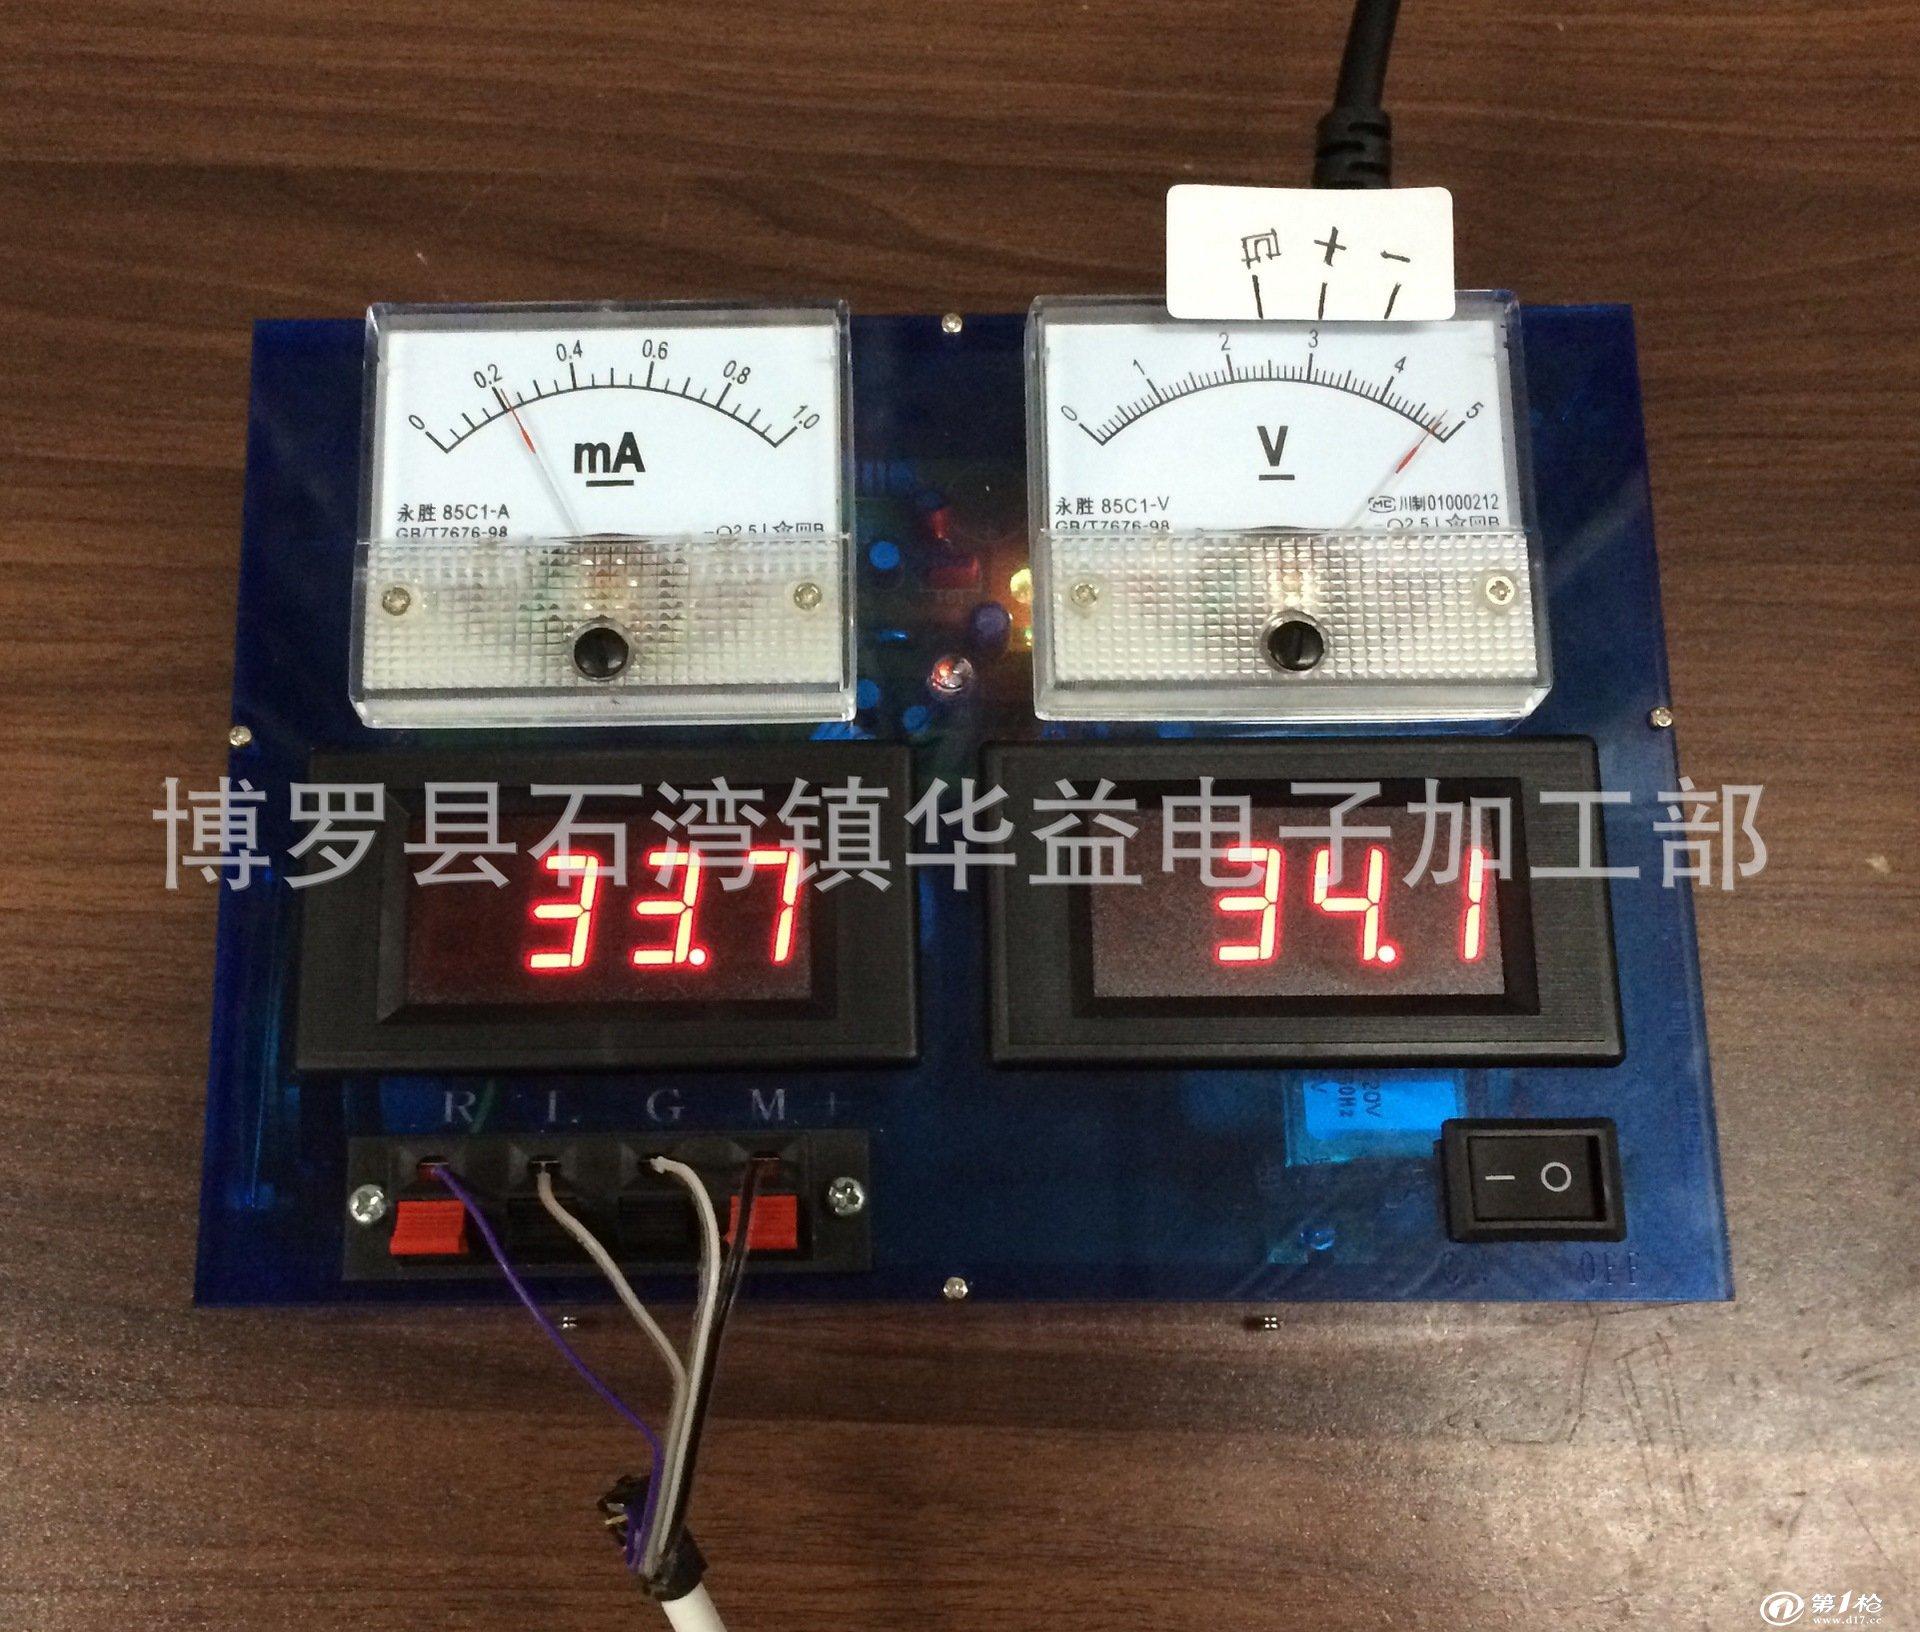 双声道显示喇叭欧姆数,咪头放大电路,电流指示,另有电压表可以测试